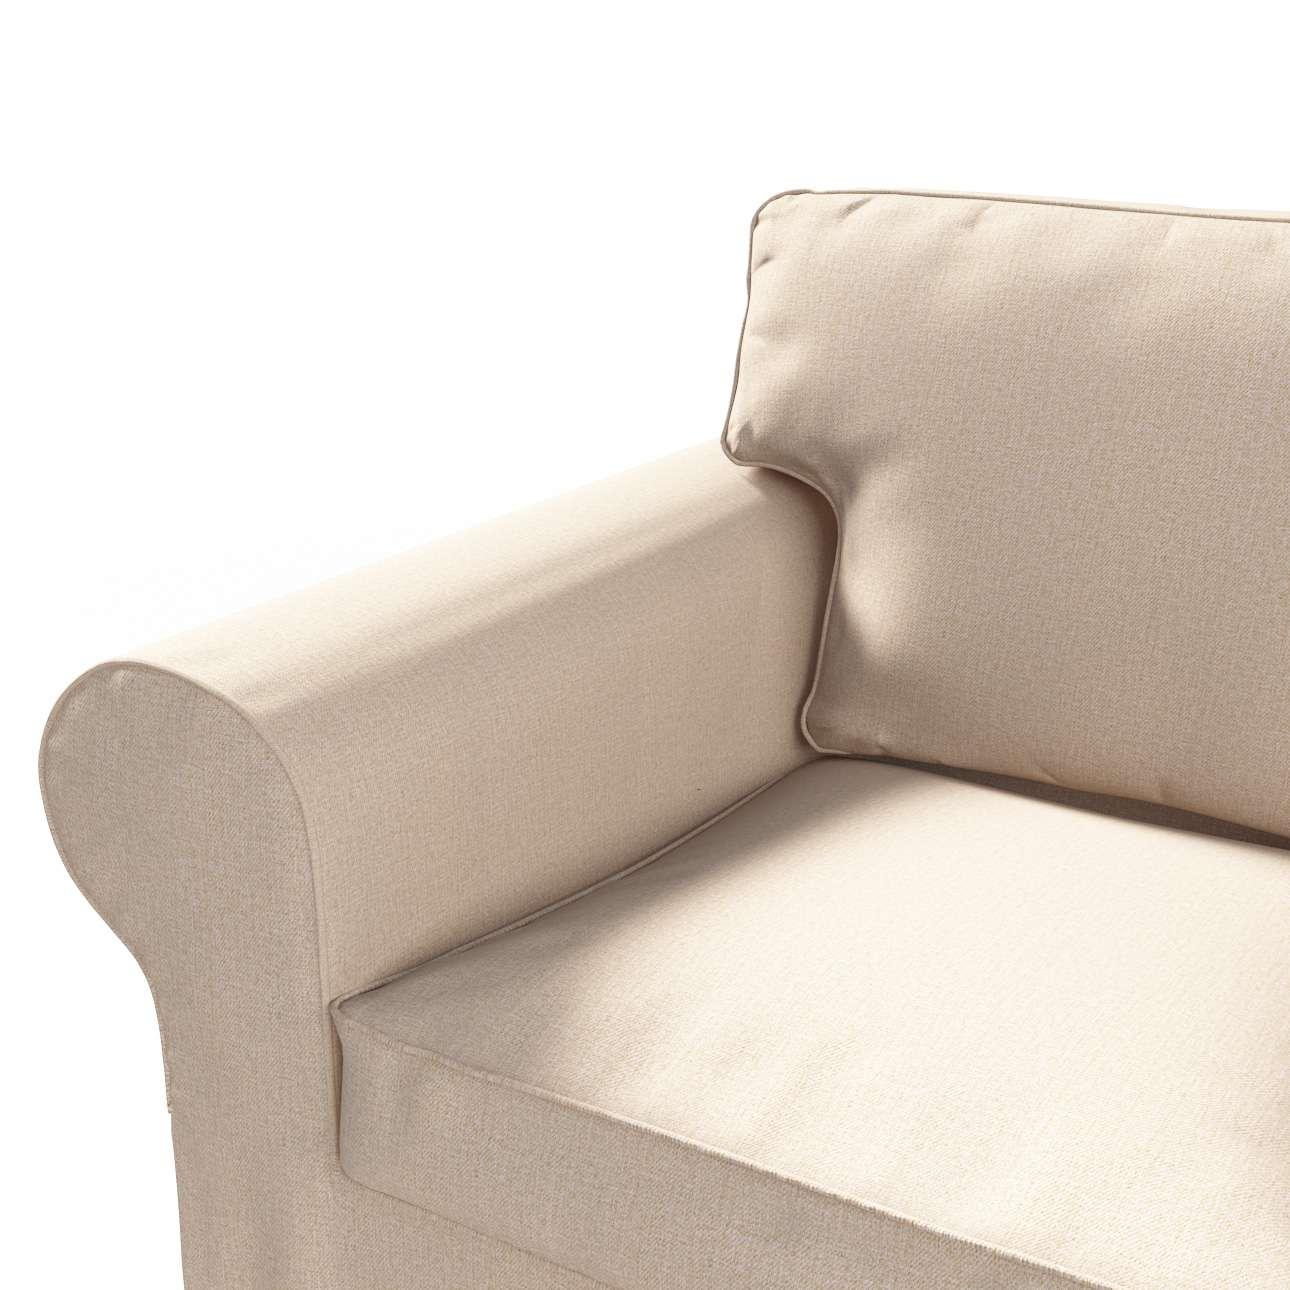 Pokrowiec na sofę Ektorp 2-osobową rozkładana NOWY MODEL 2012 sofa ektorp 2-osobowa rozkładana NOWY MODEL w kolekcji Edinburgh, tkanina: 115-78